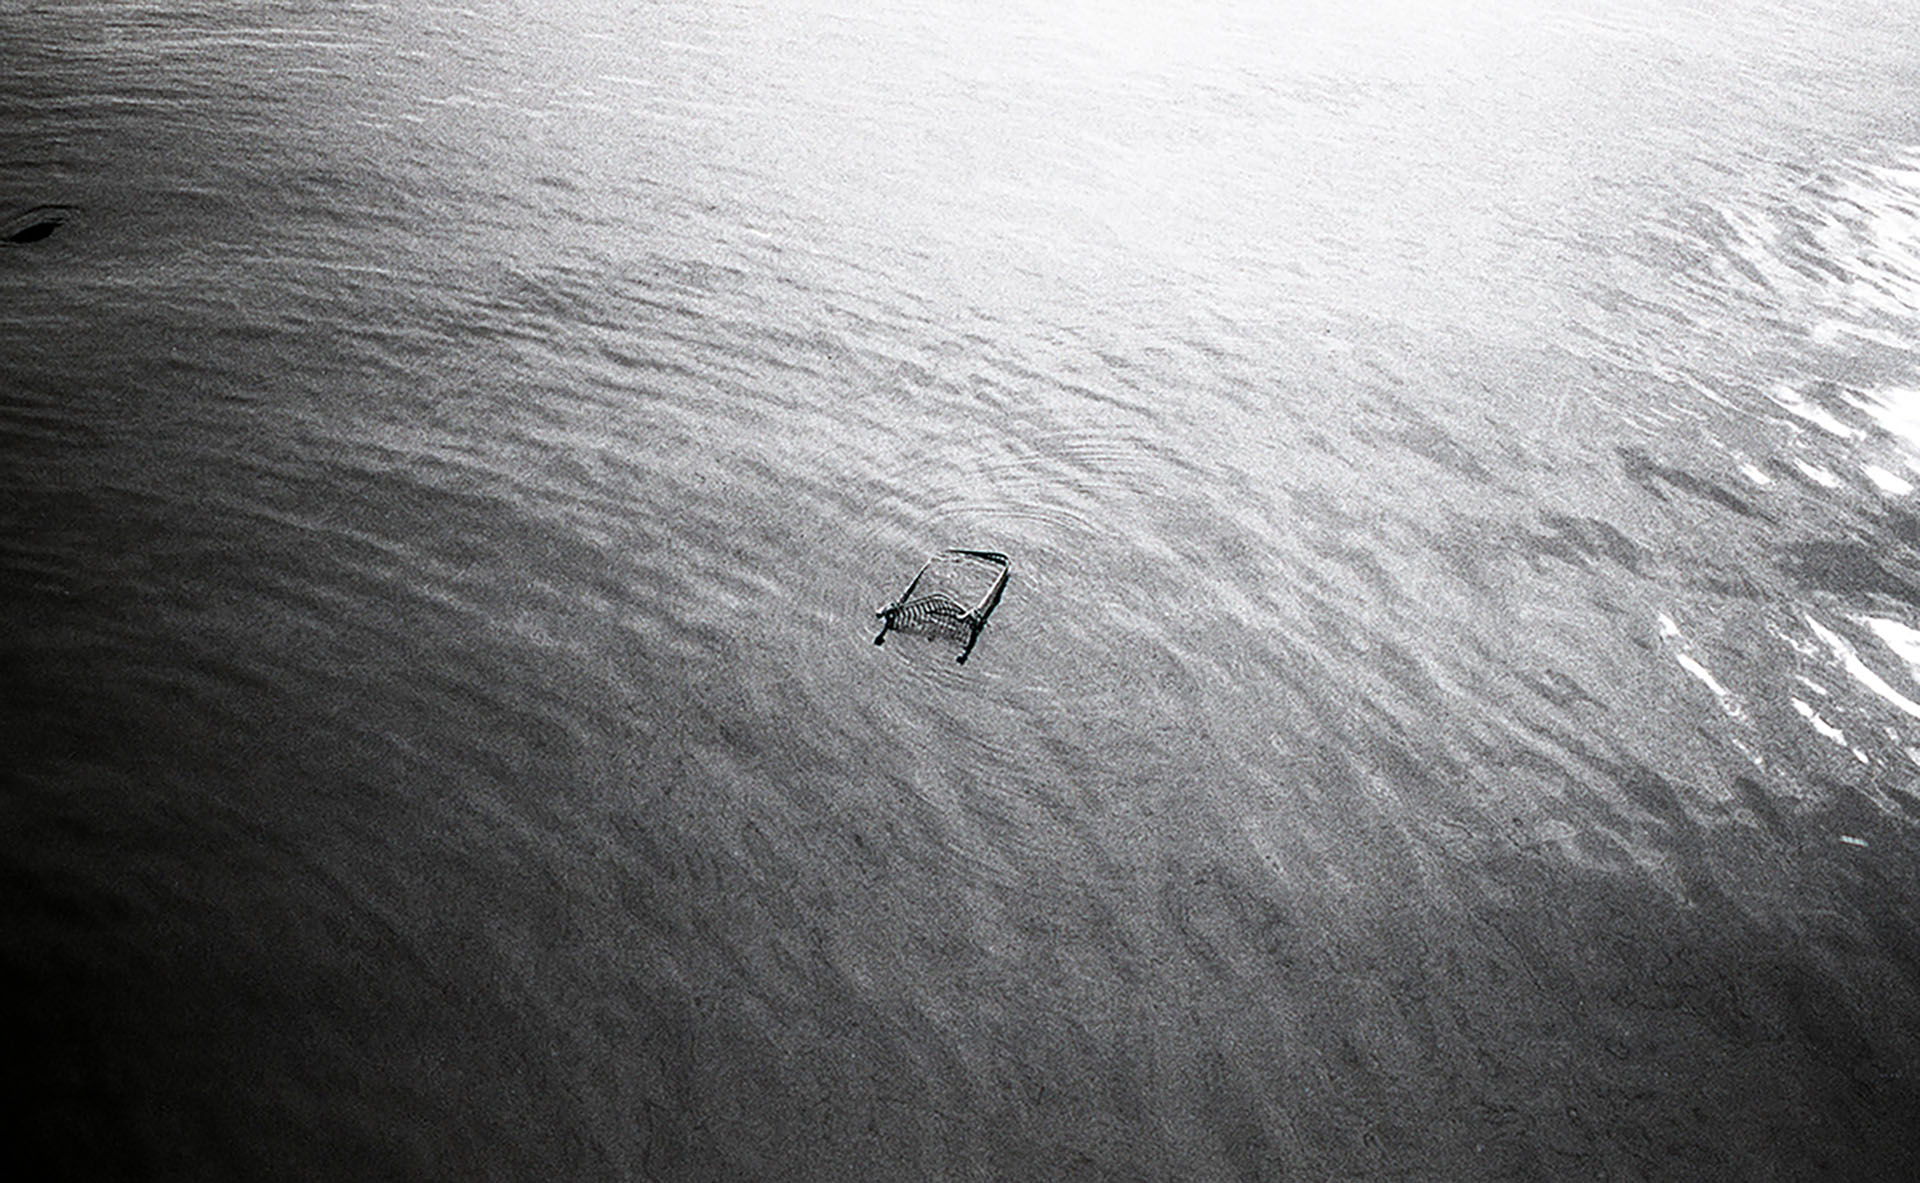 Nombre de la imagen: Ahogamiento en el consumismo – fotógrafo: Jasmine Färling, Swansea College of Art, University of Wales Trinity Saint David, UK